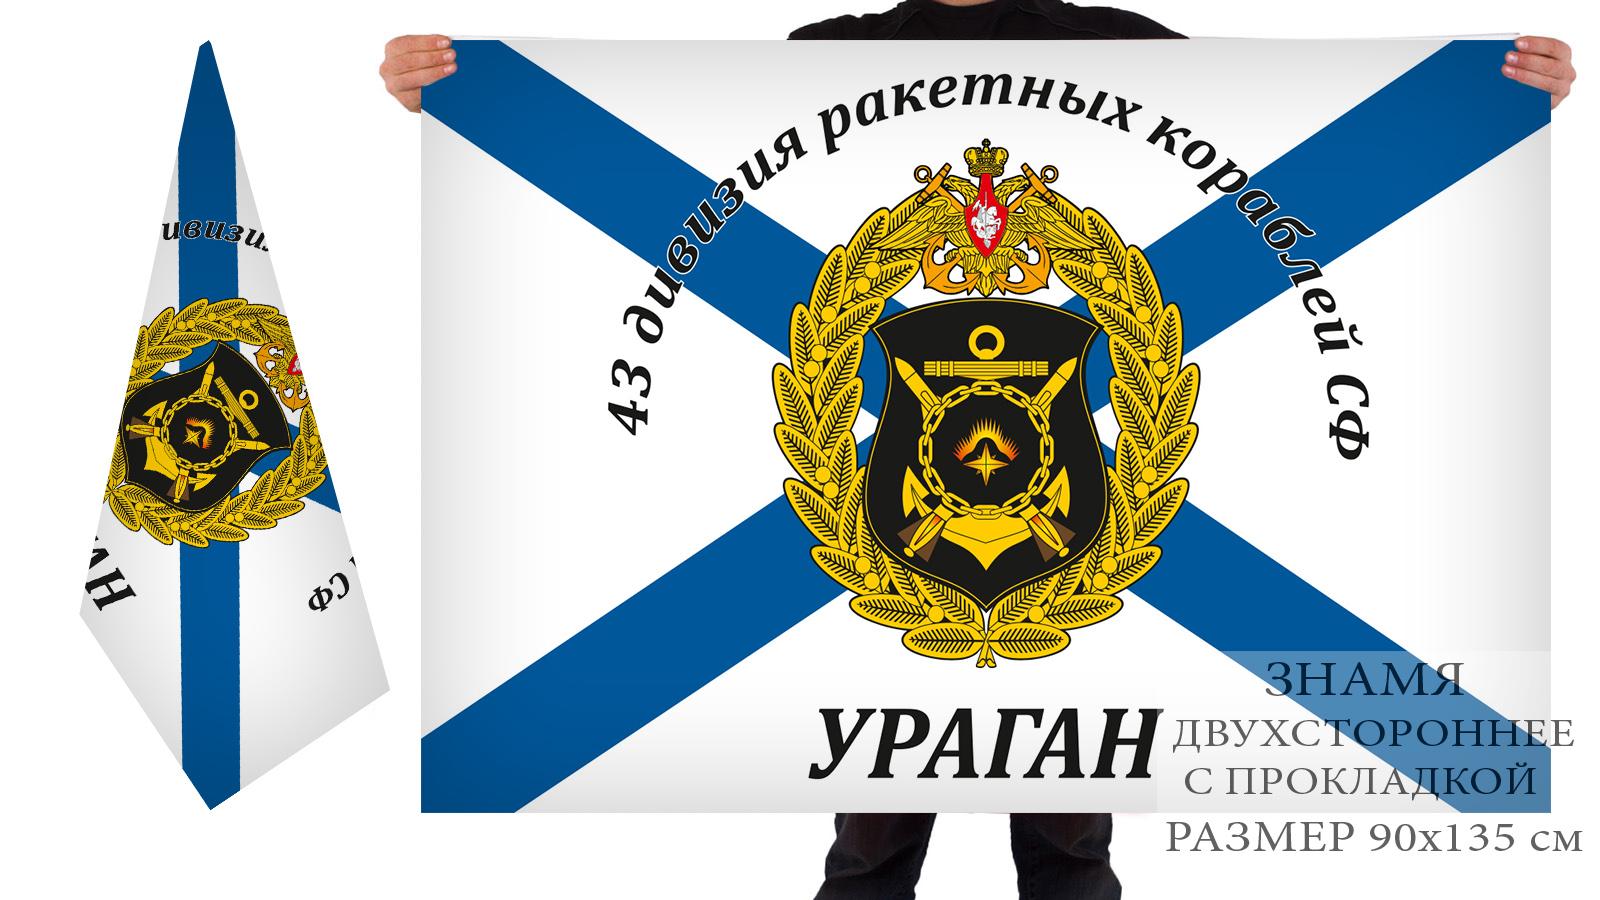 """Двусторонний флаг 43 дивизии ракетных кораблей """"Ураган"""""""